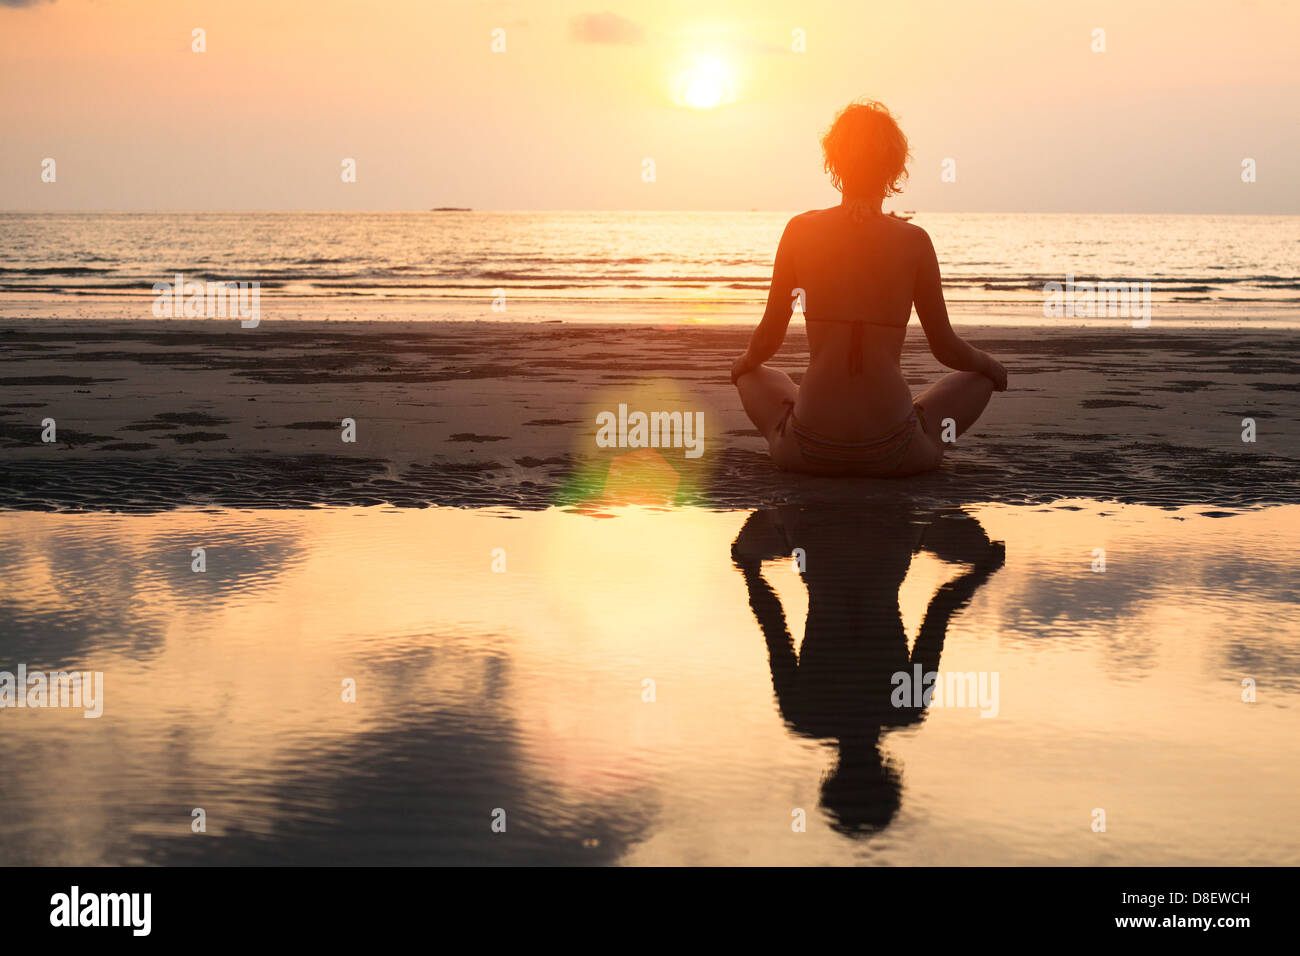 Yoga donna seduta in lotus pongono sulla spiaggia durante il tramonto, con riflessione in acqua - in colori luminosi. Immagini Stock